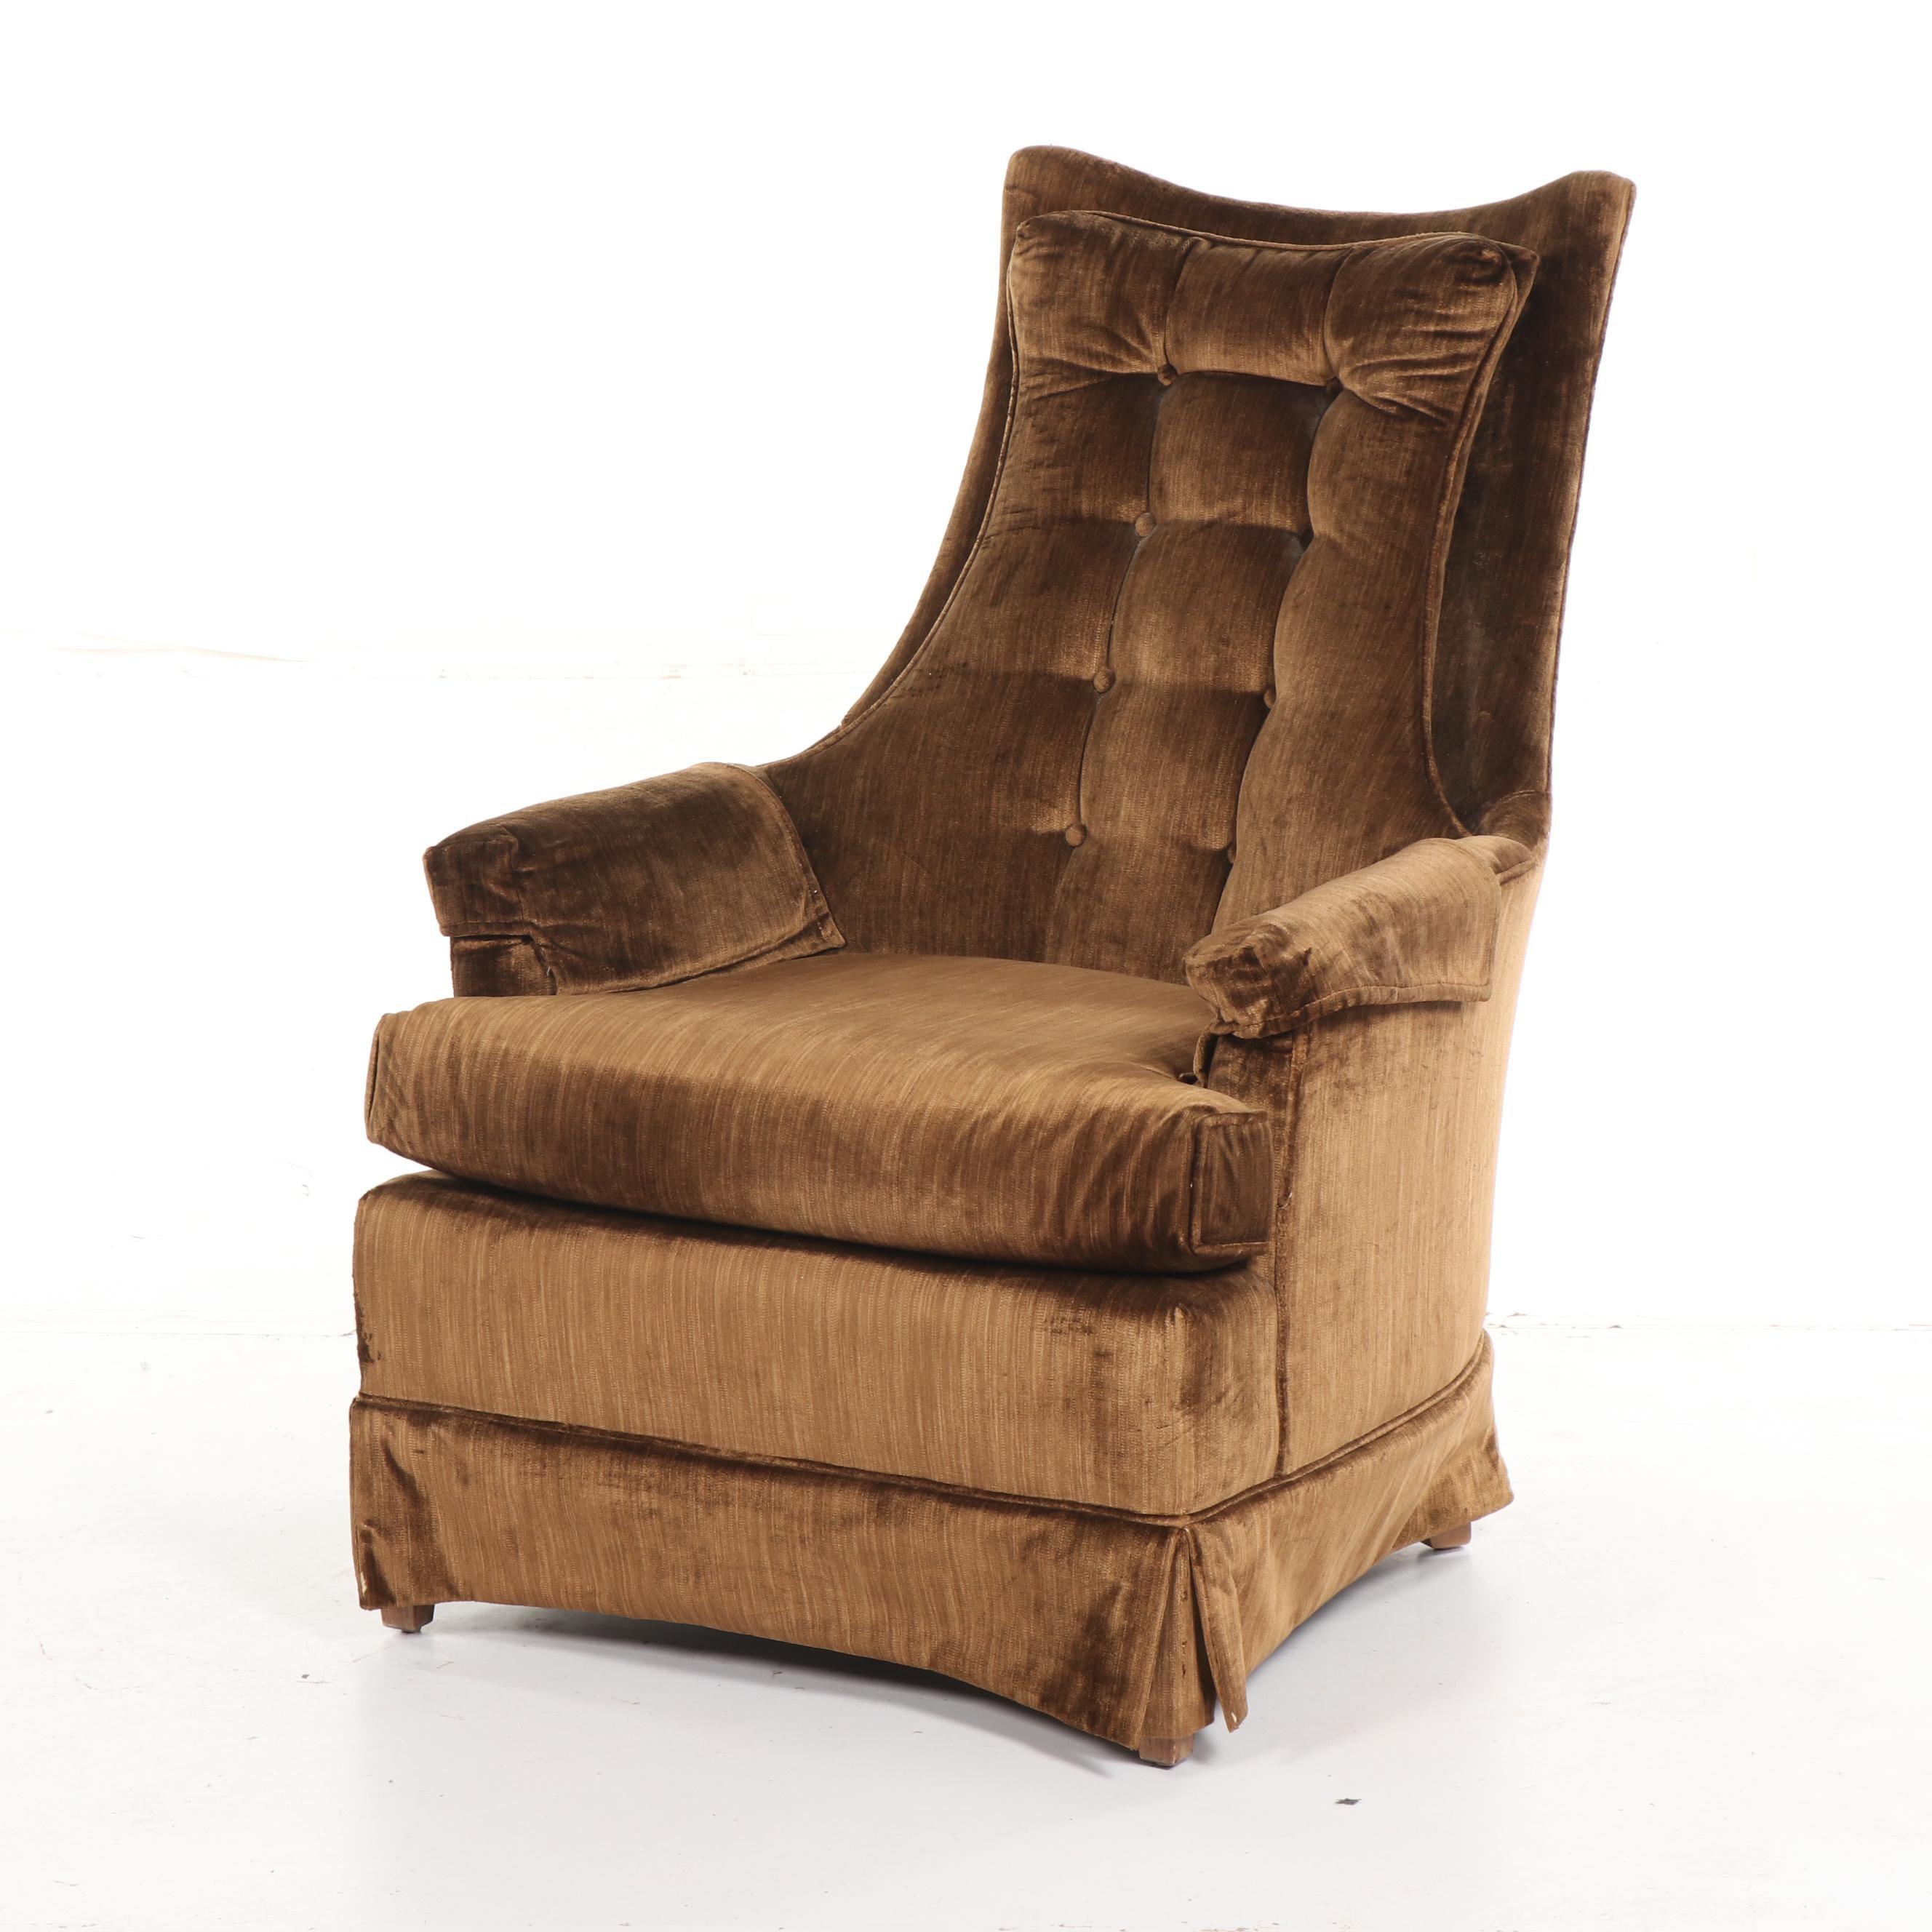 Mid Century Modern Tufted Velvet Upholstered High Back Armchair, 20th Century